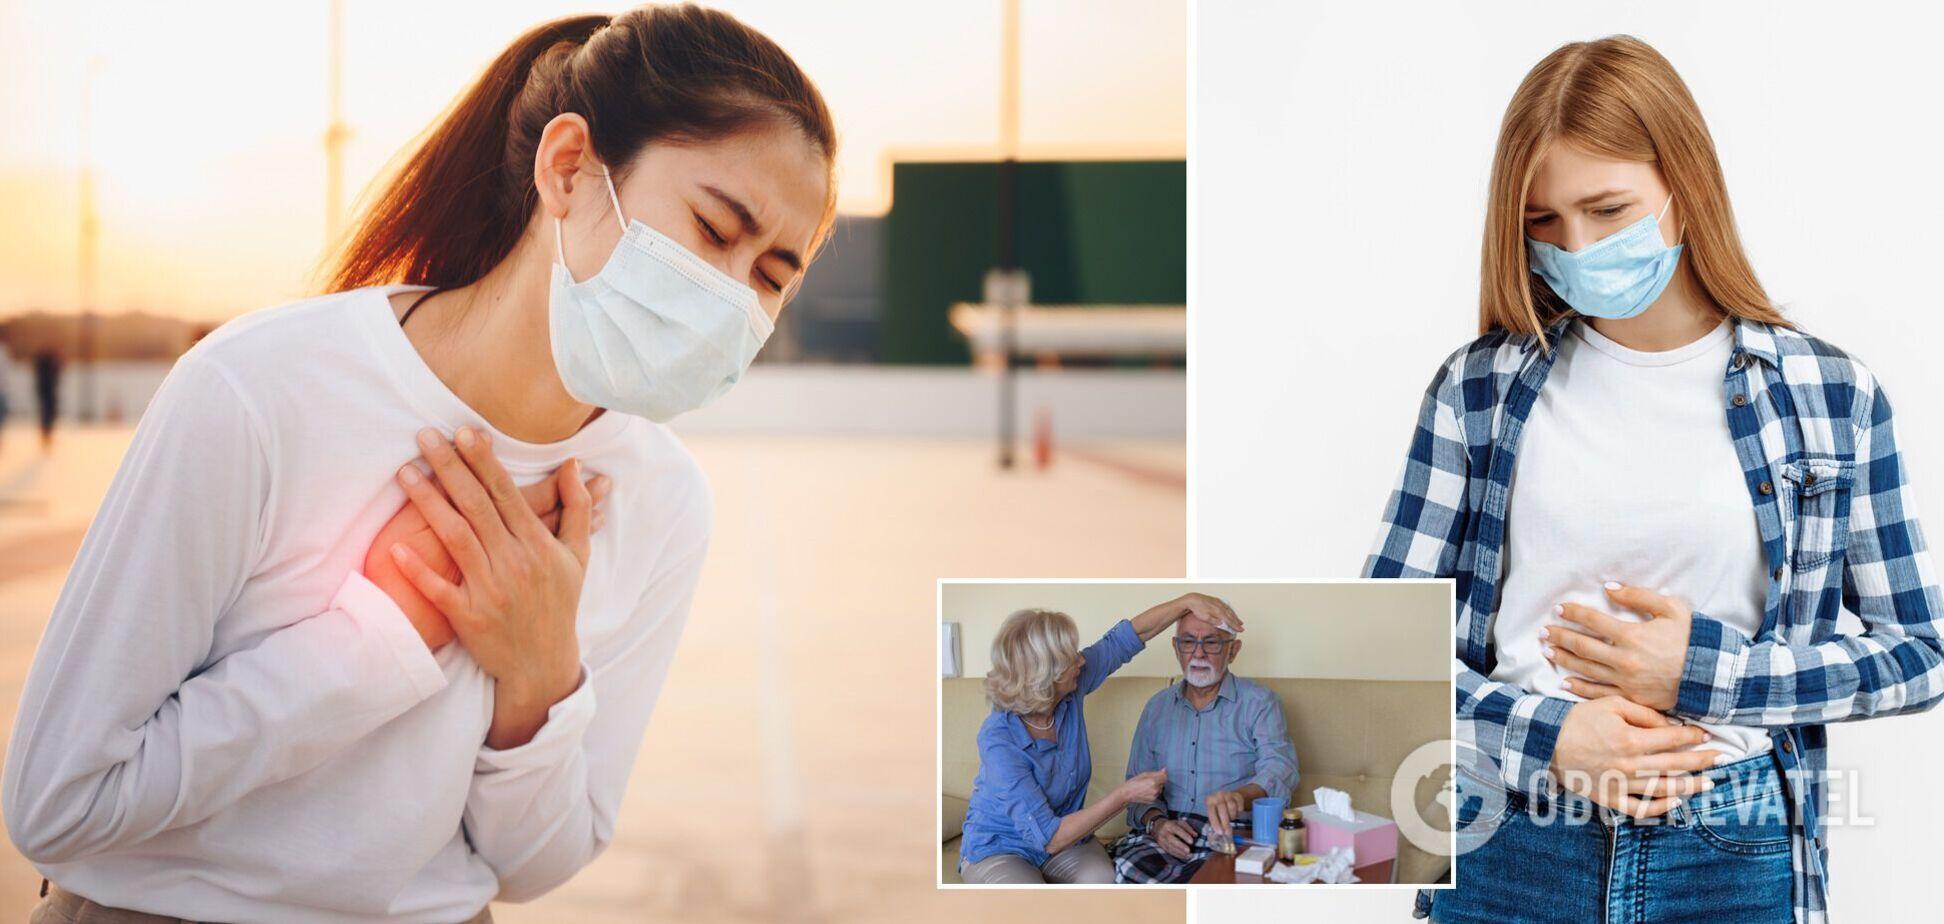 Вчені з'ясували, як за рік змінилися симптоми COVID-19